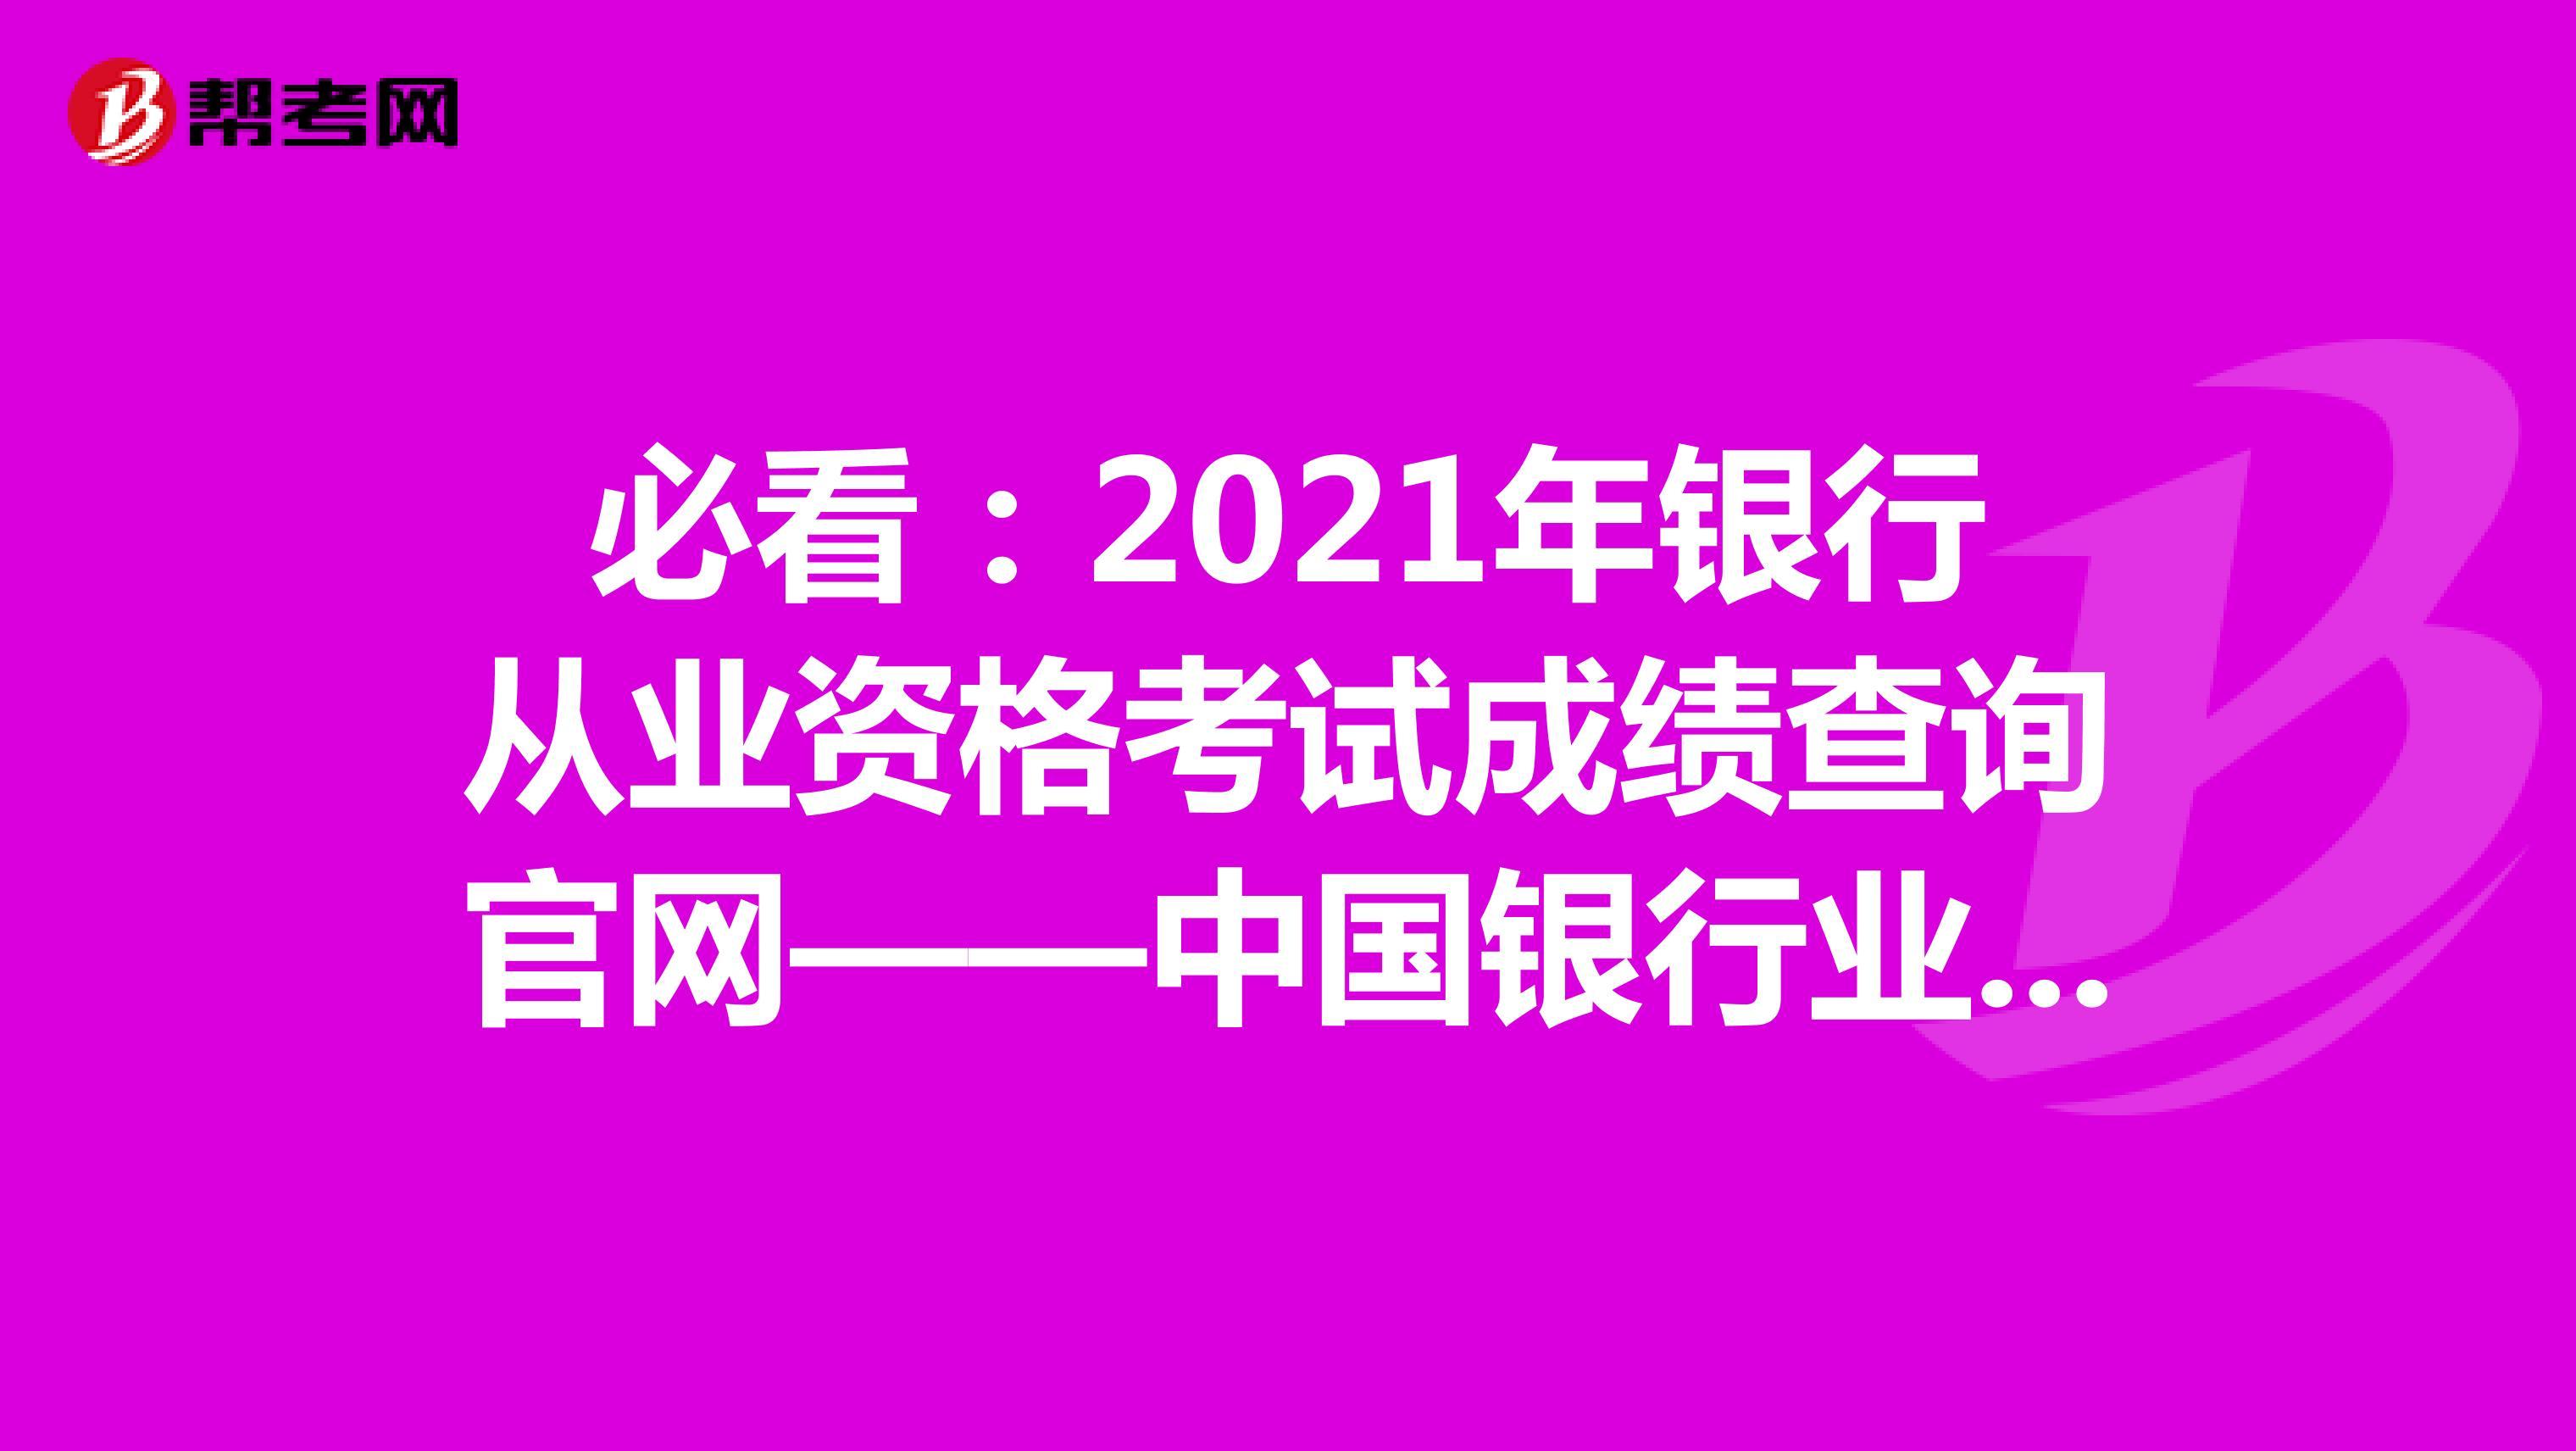 必看:2021年銀行從業資格考試成績查詢官網——中國銀行業協會